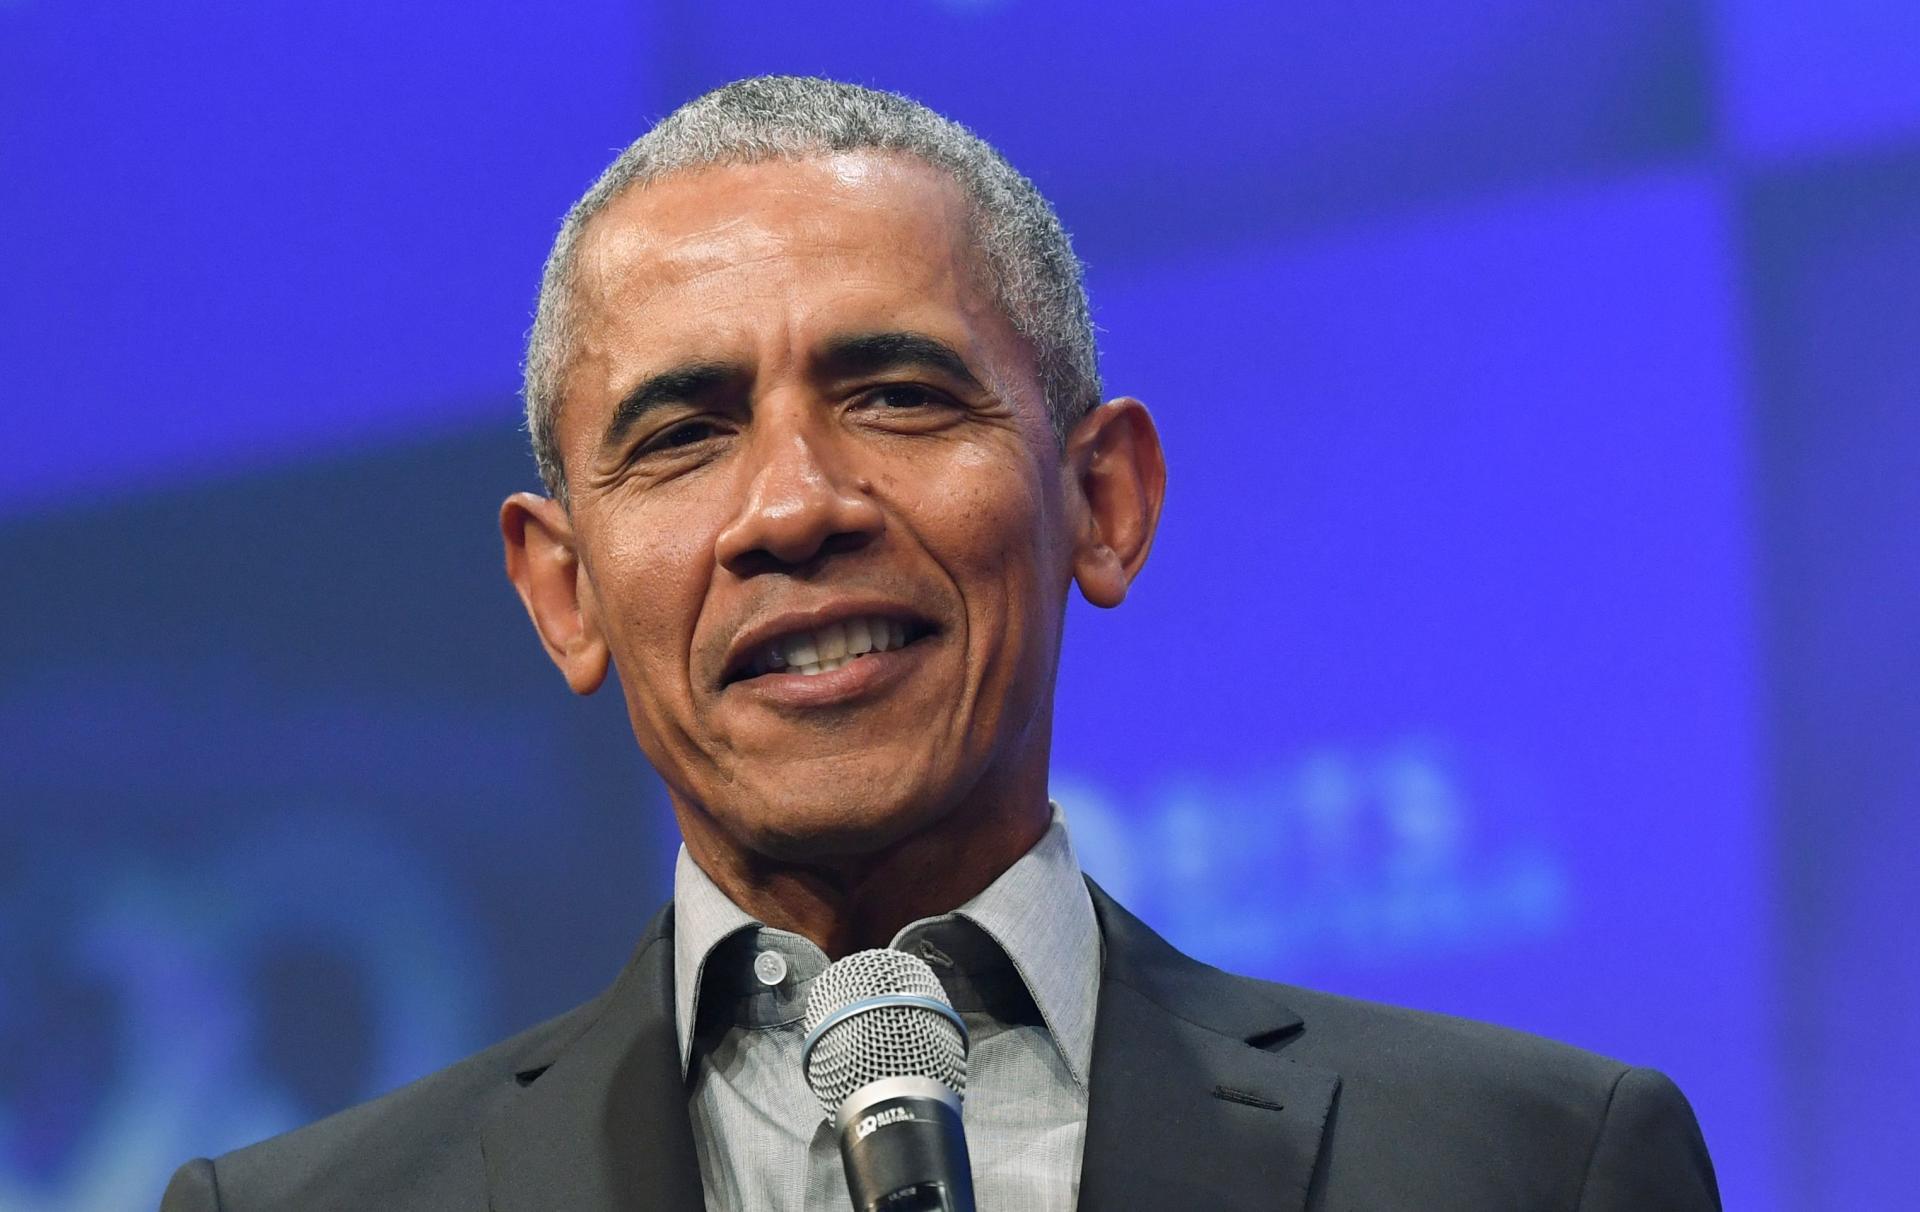 Barack Obama demande aux Américains de tourner la page Trump